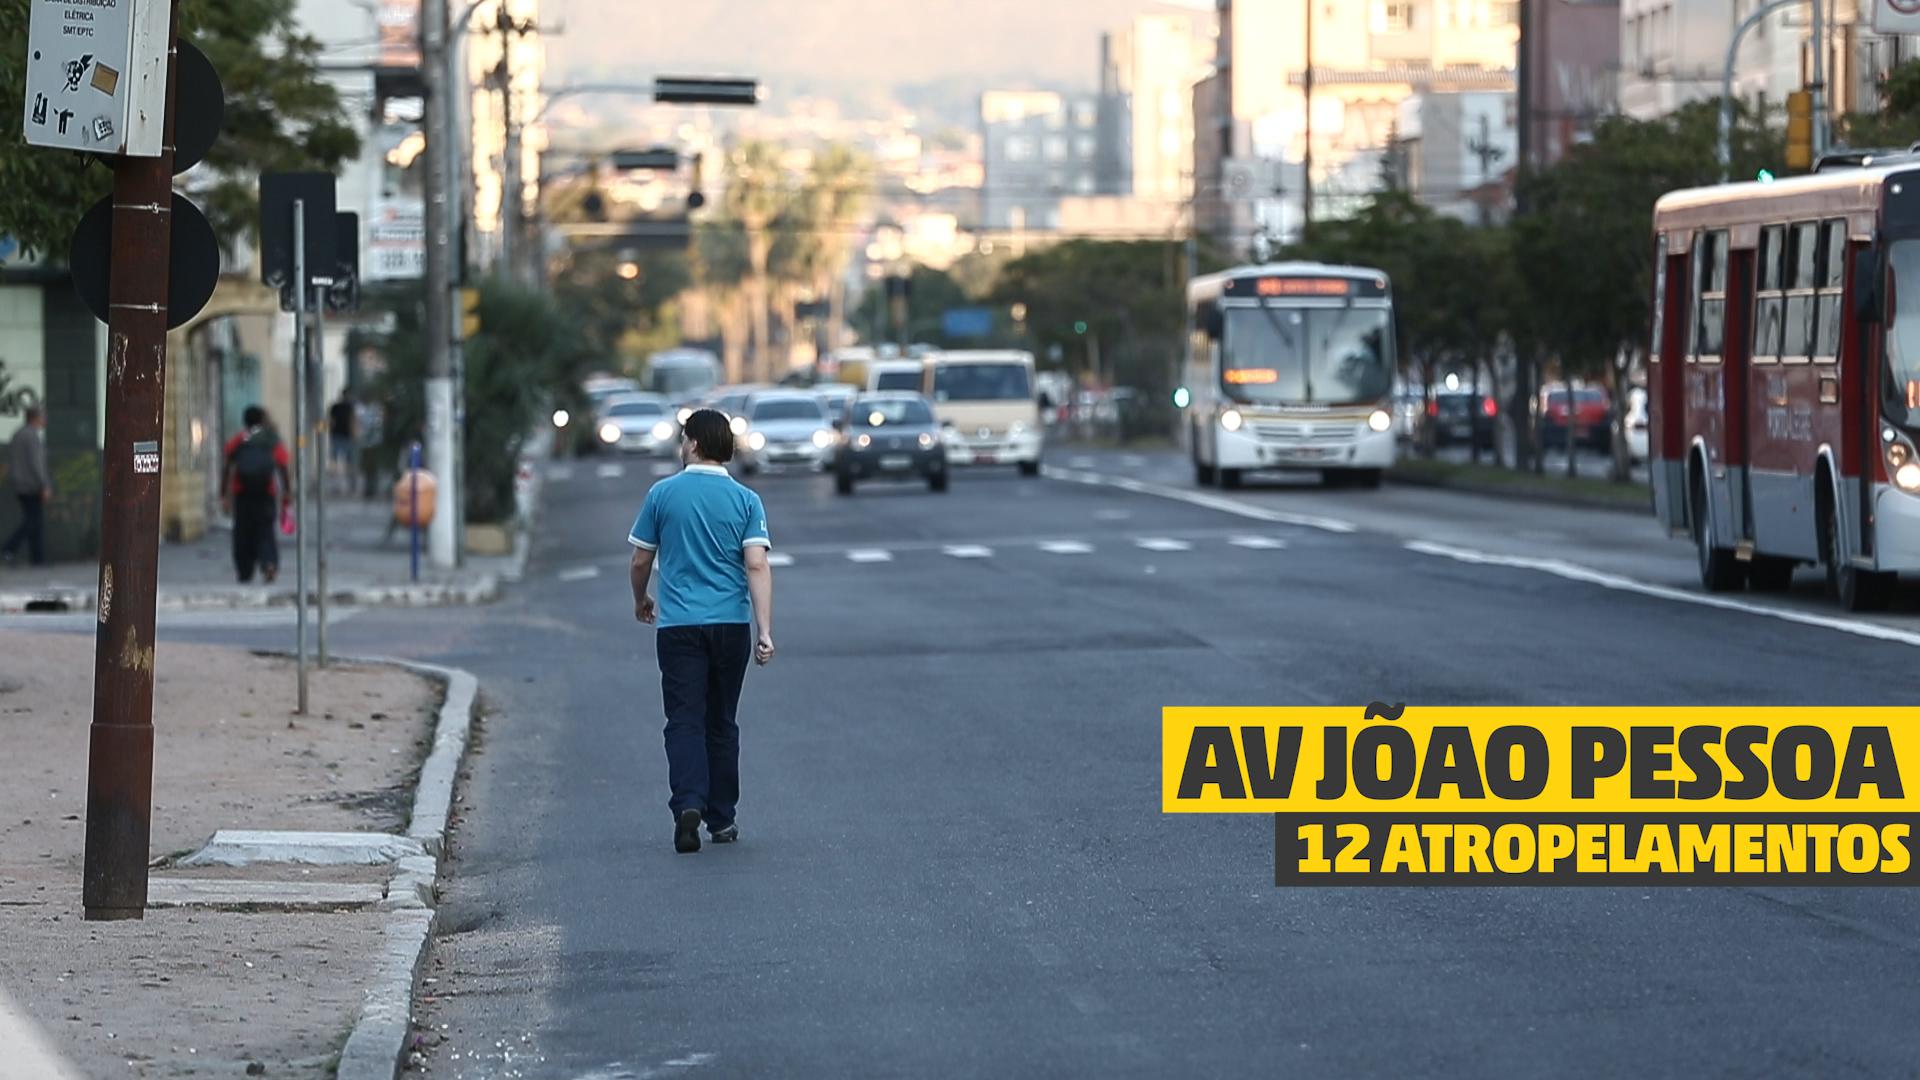 Travessia perigosa em Porto Alegre